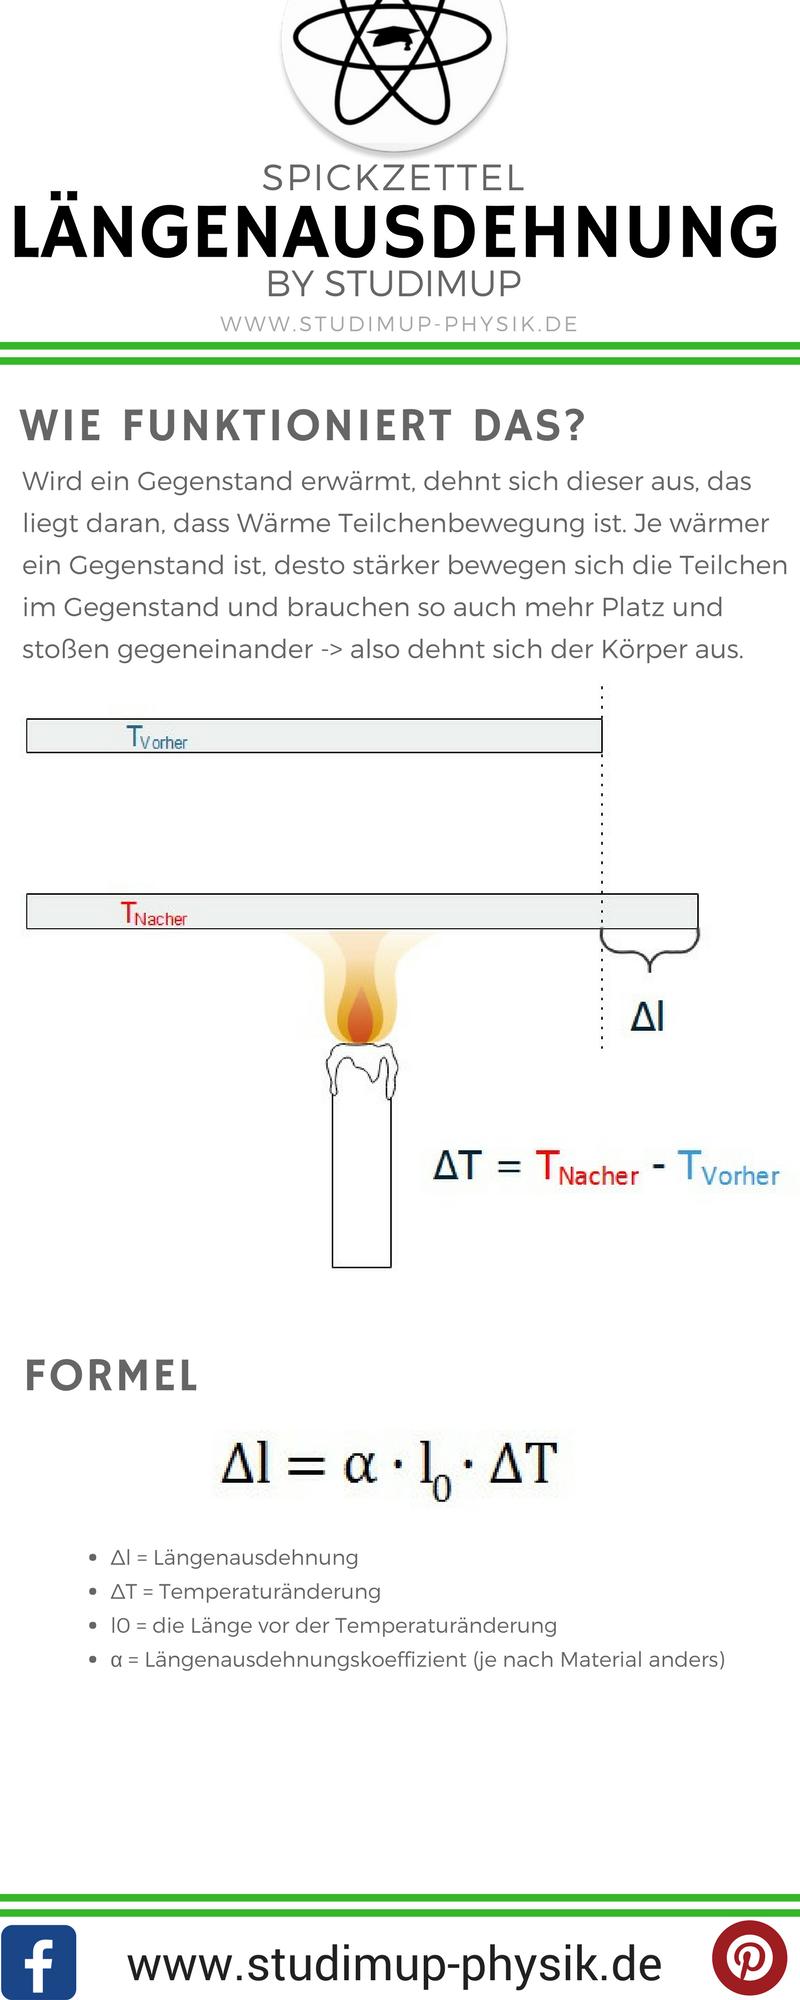 Spickzettel zur Wärmelehre in der Physik. Genauer zur ...